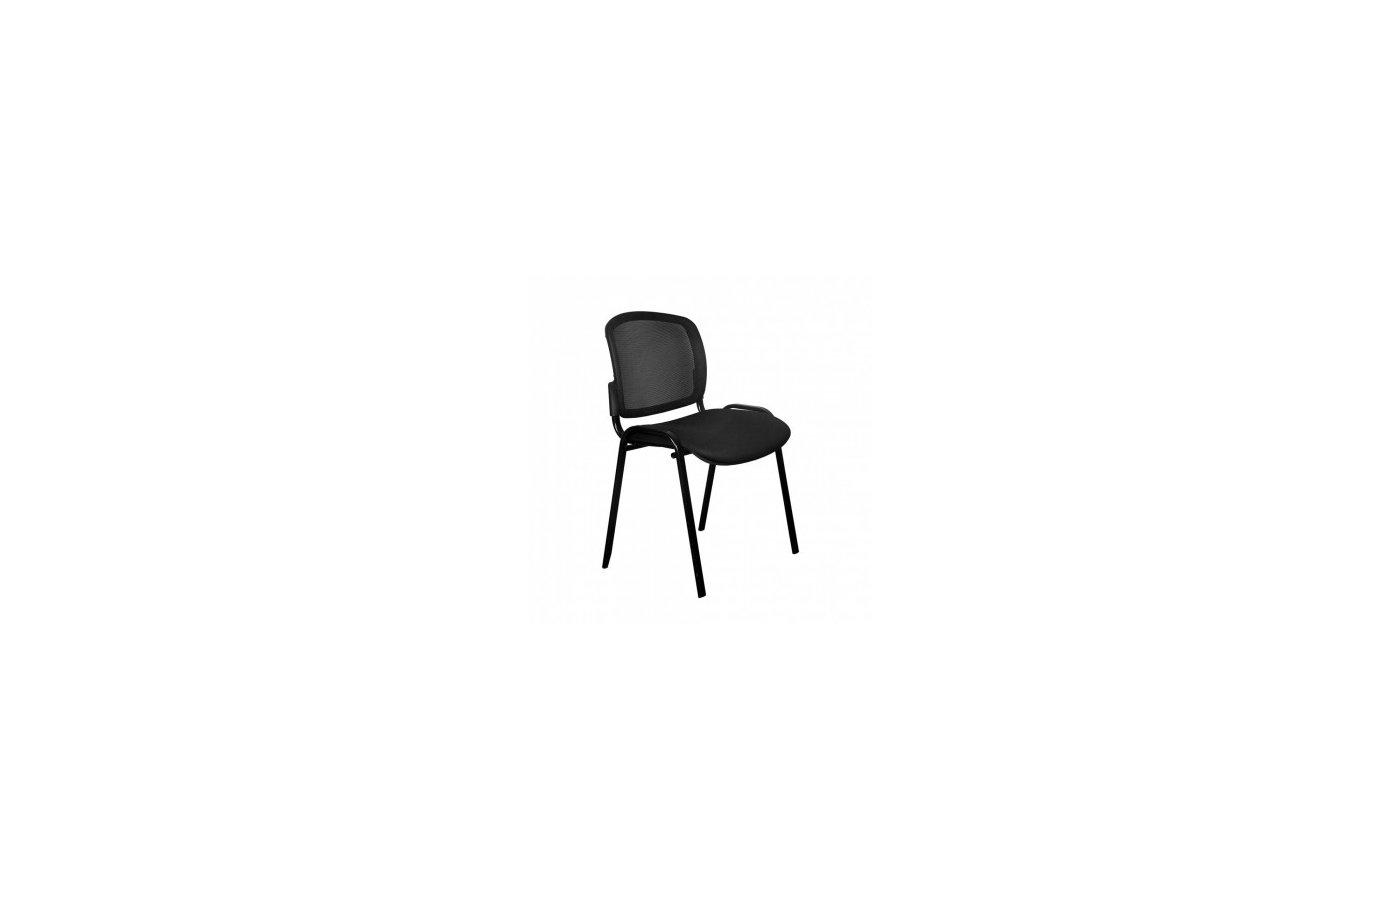 Бюрократ стул Вики/B/15-21 спинка сетка черный сиденье черный 15-21